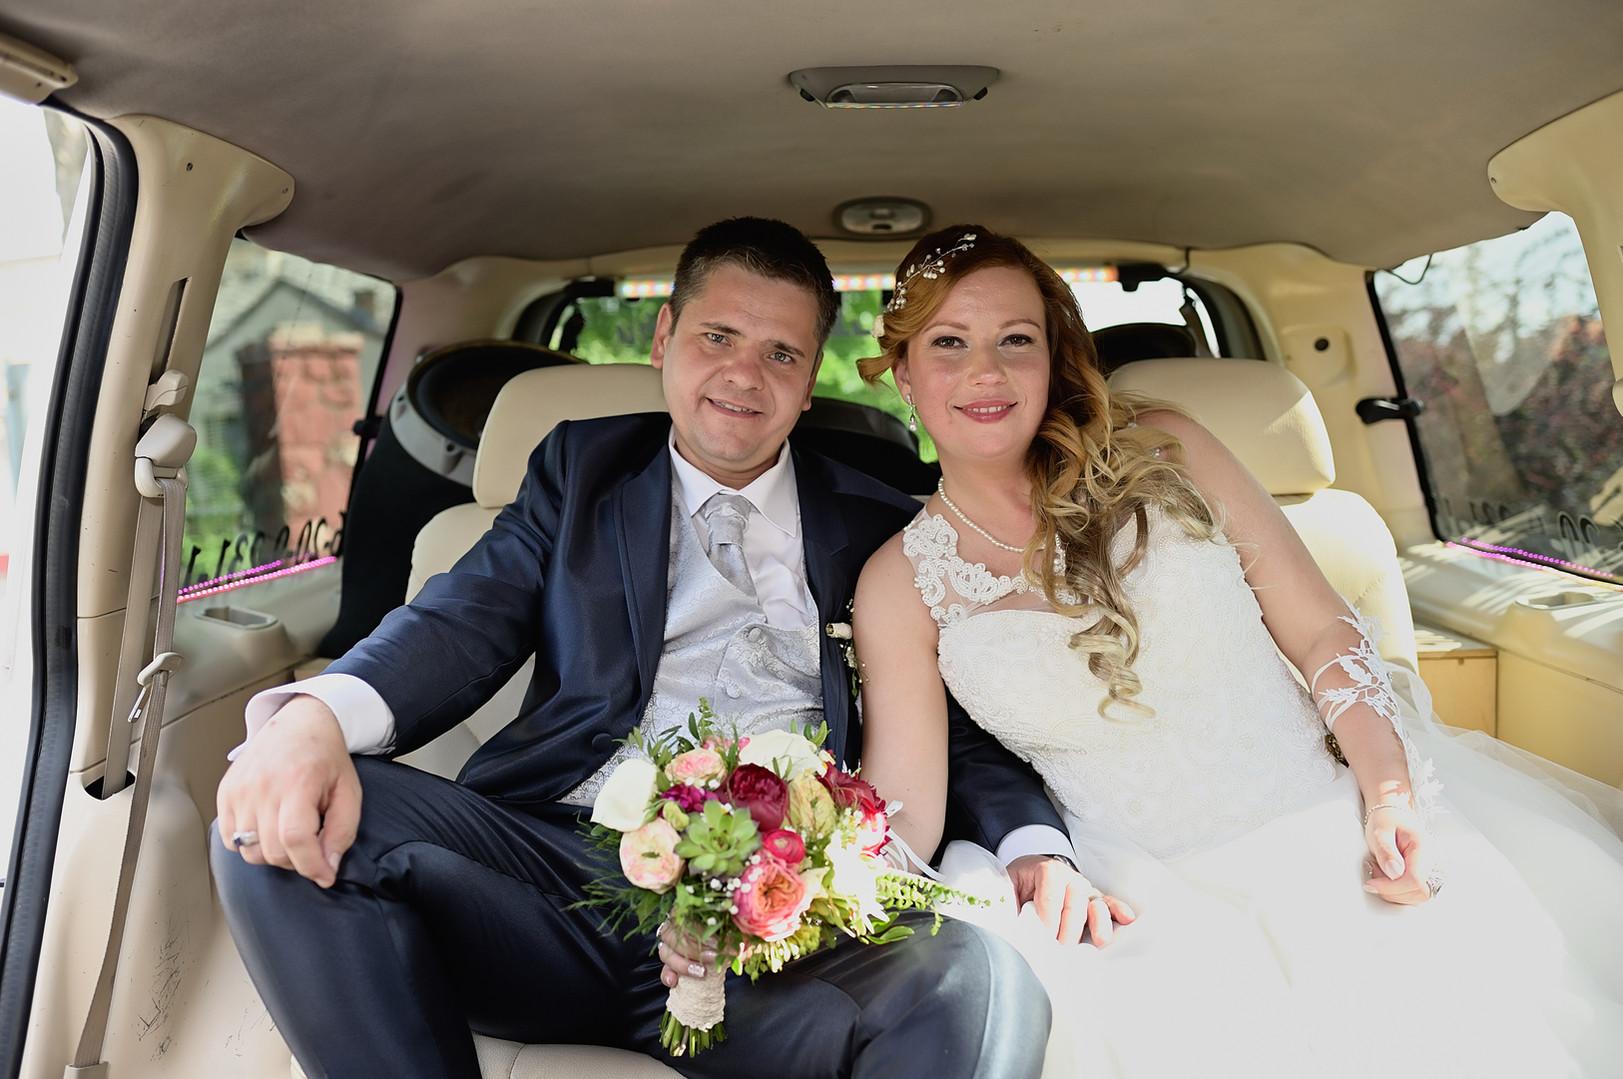 381  Esküvői fotózás - Enikő és Peti KRE